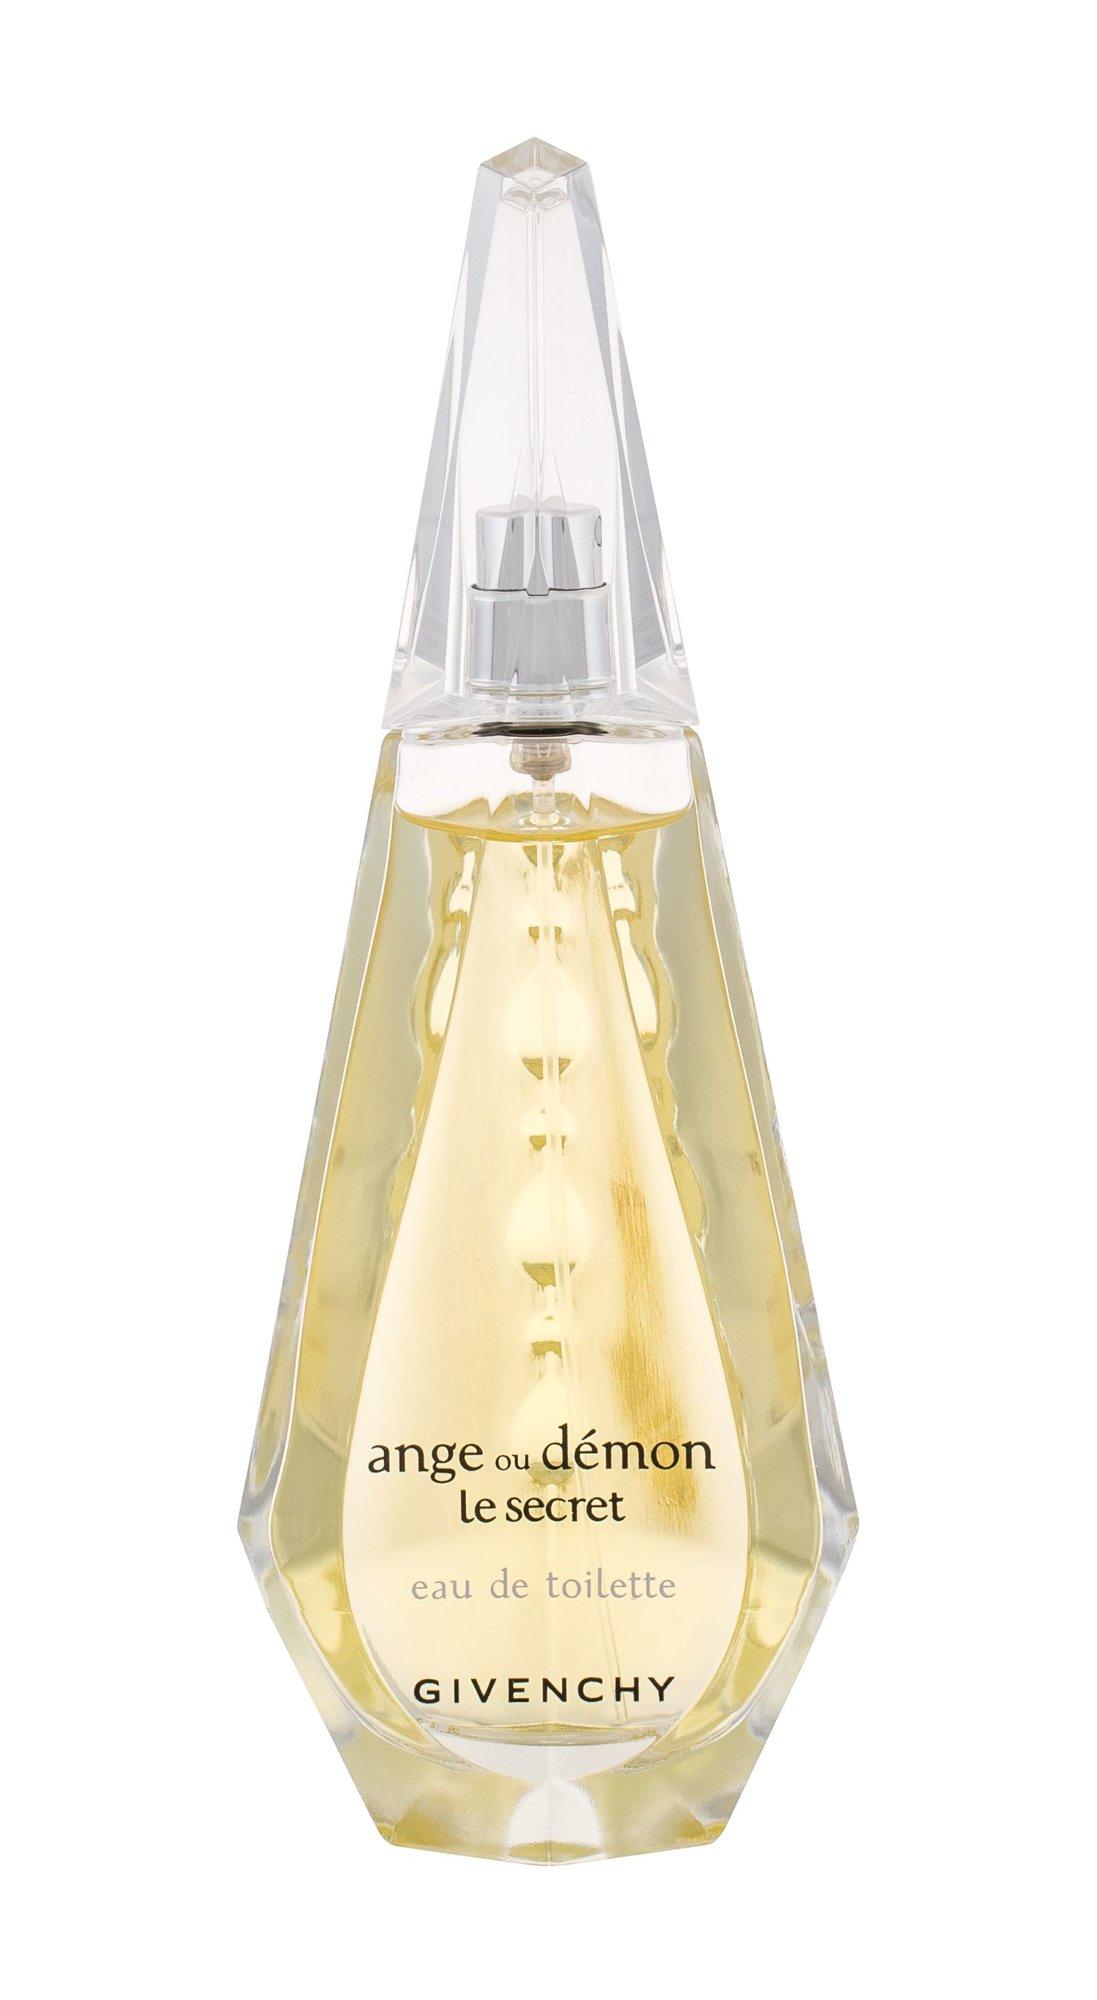 Givenchy Ange ou Demon (Etrange) Le Secret EDT 100ml  2013